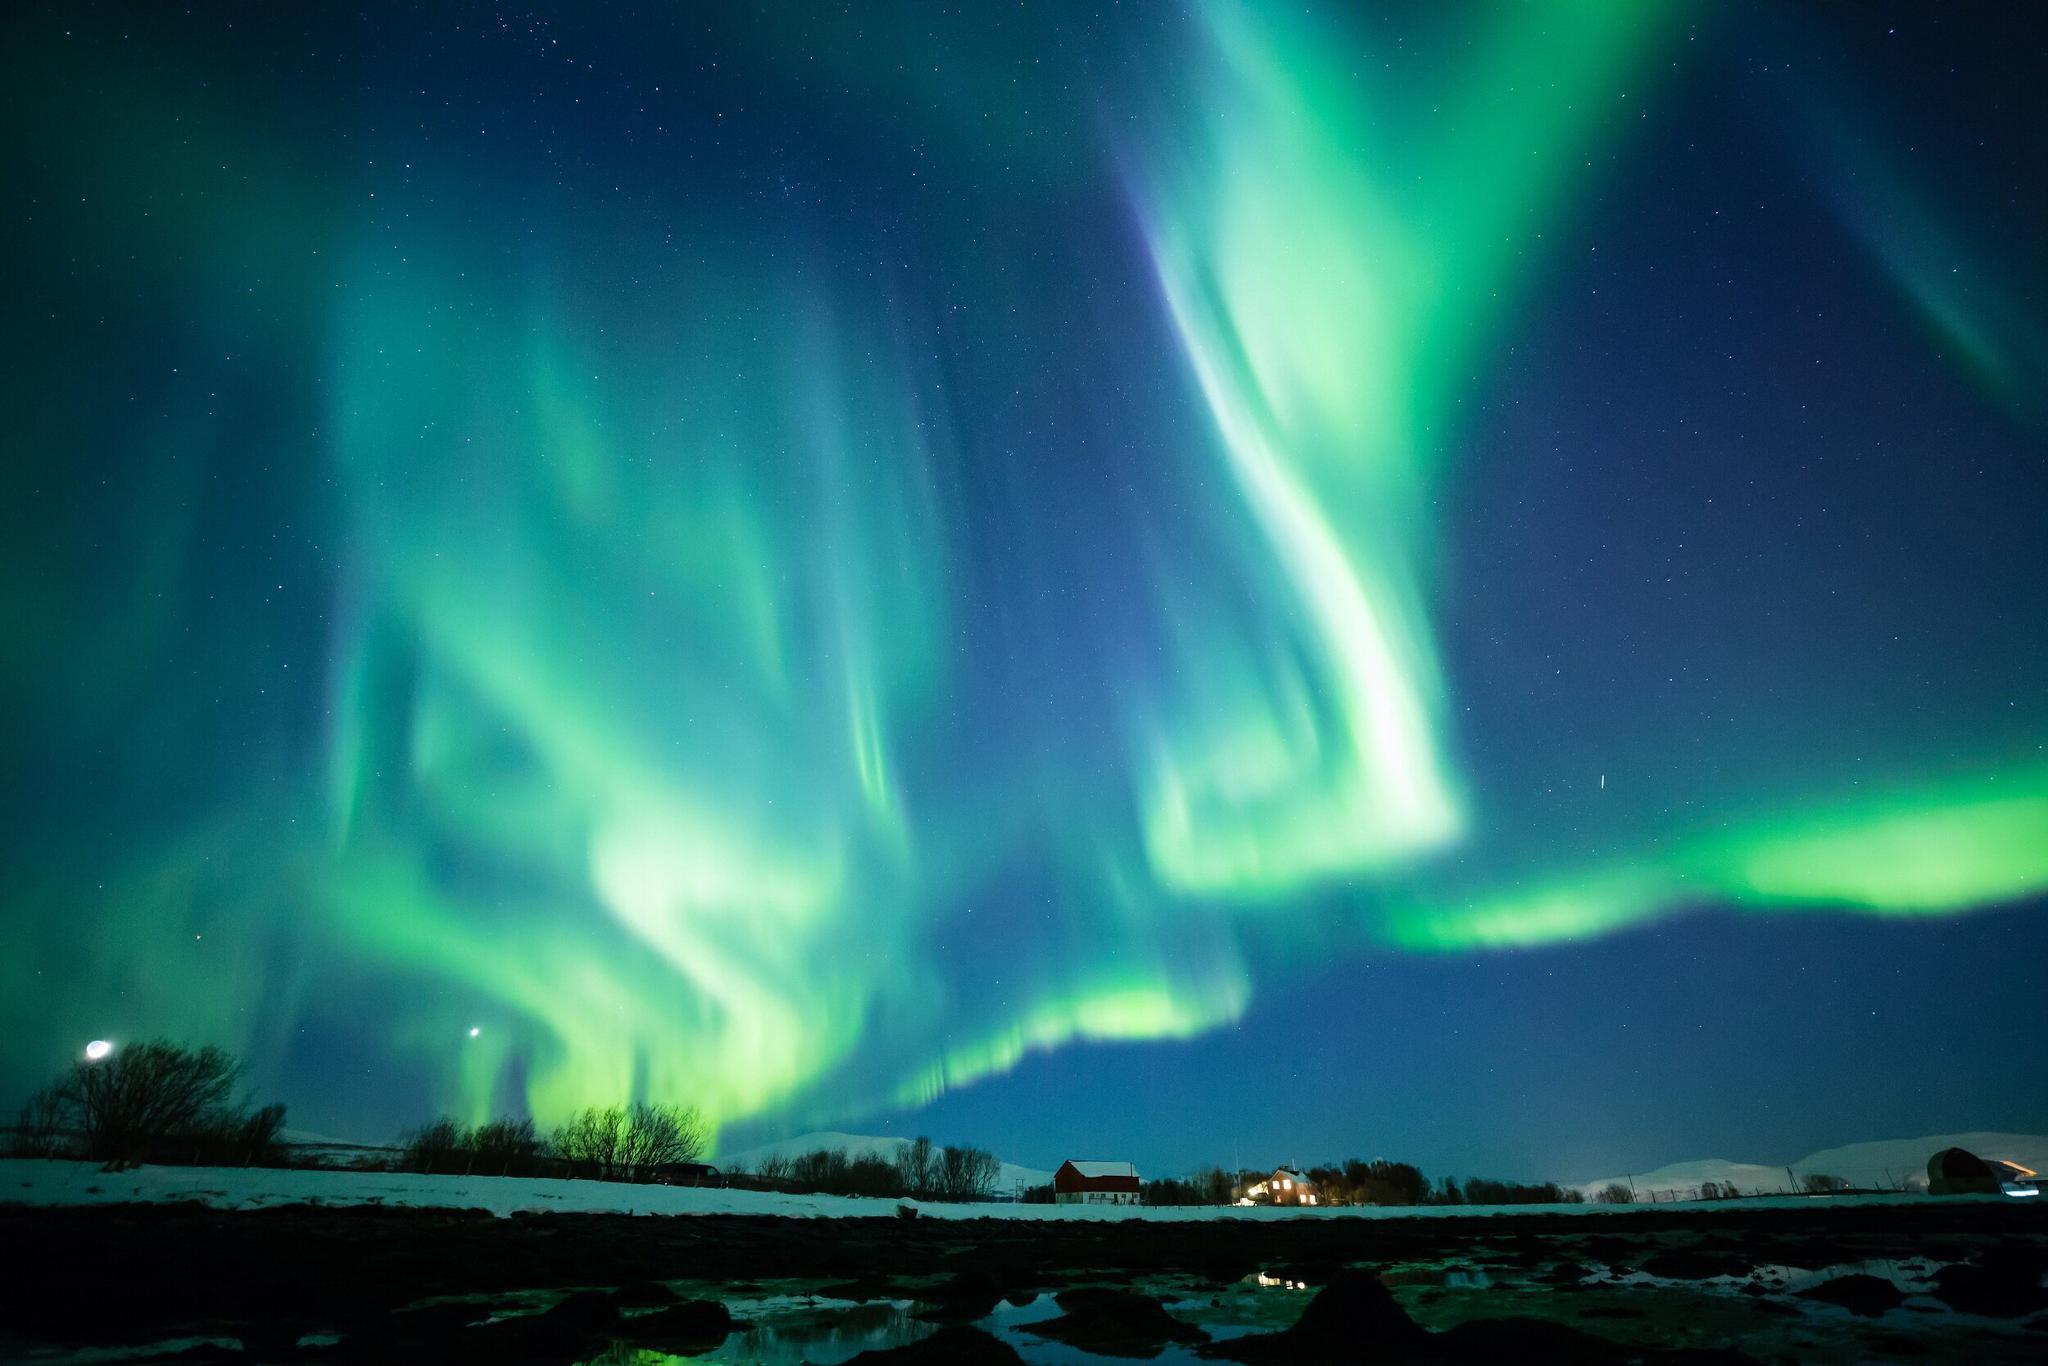 理性探索绝美项链星云,美的极光智能套系予你生活灵感